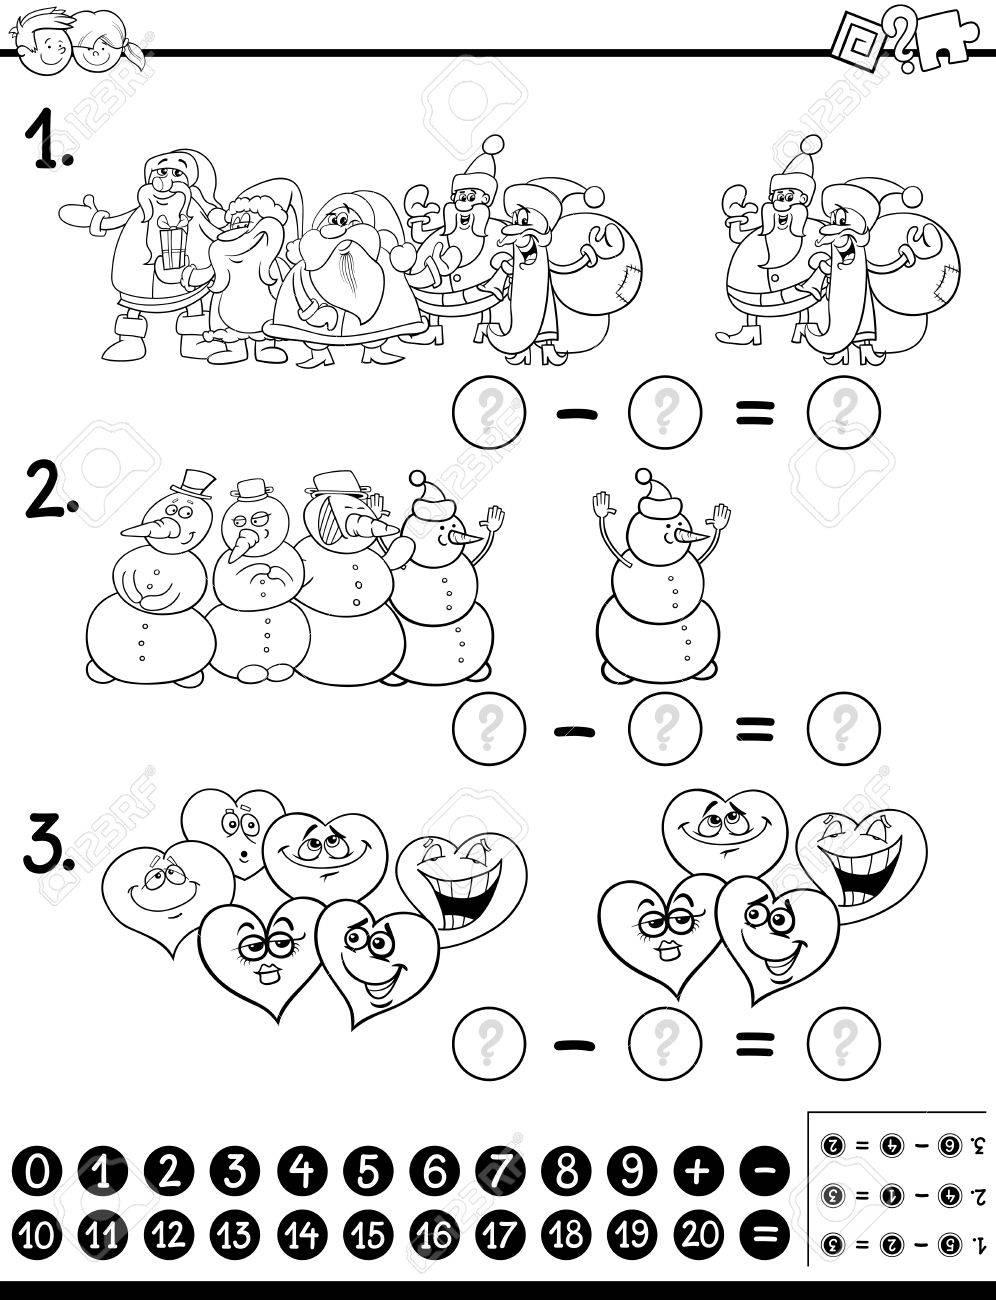 Schwarz-Weiß-Karikatur Illustration Der Pädagogischen Zählen Und ...